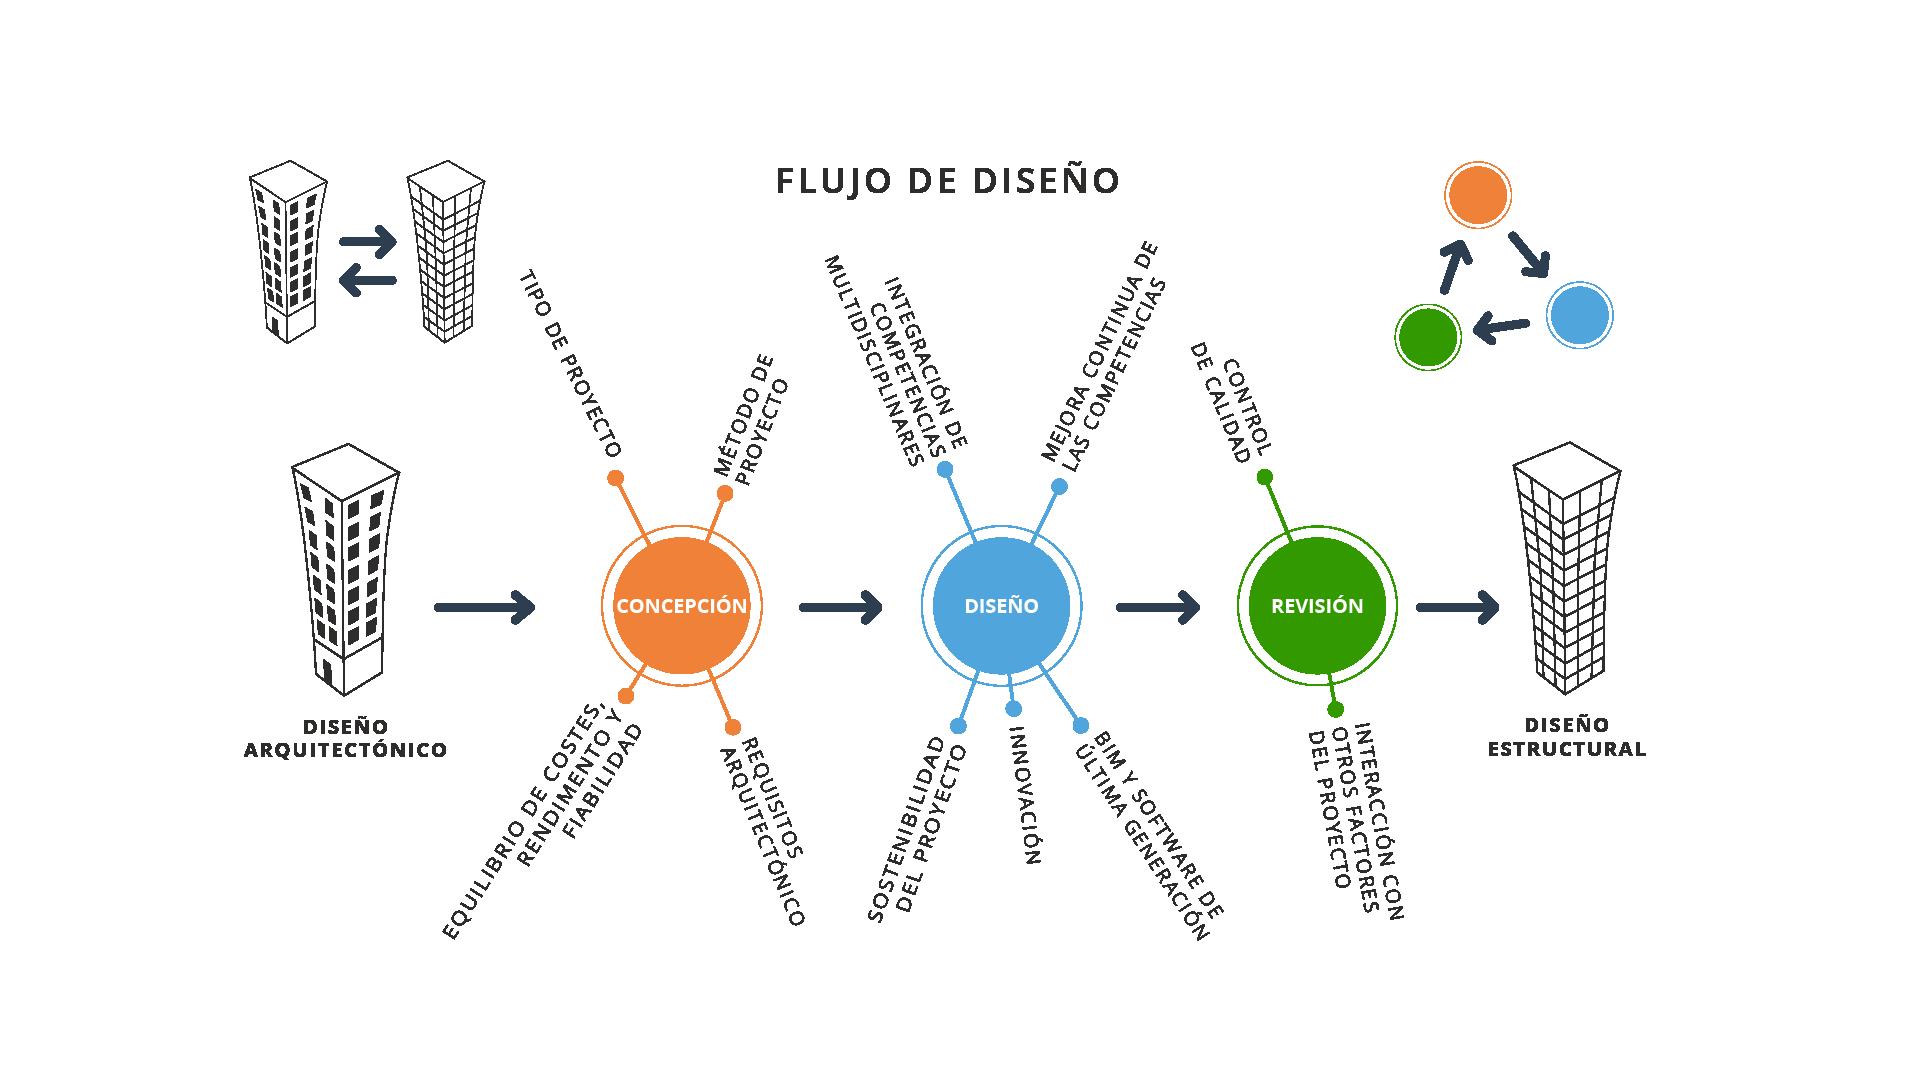 Carta de flujo del flujo de diseño